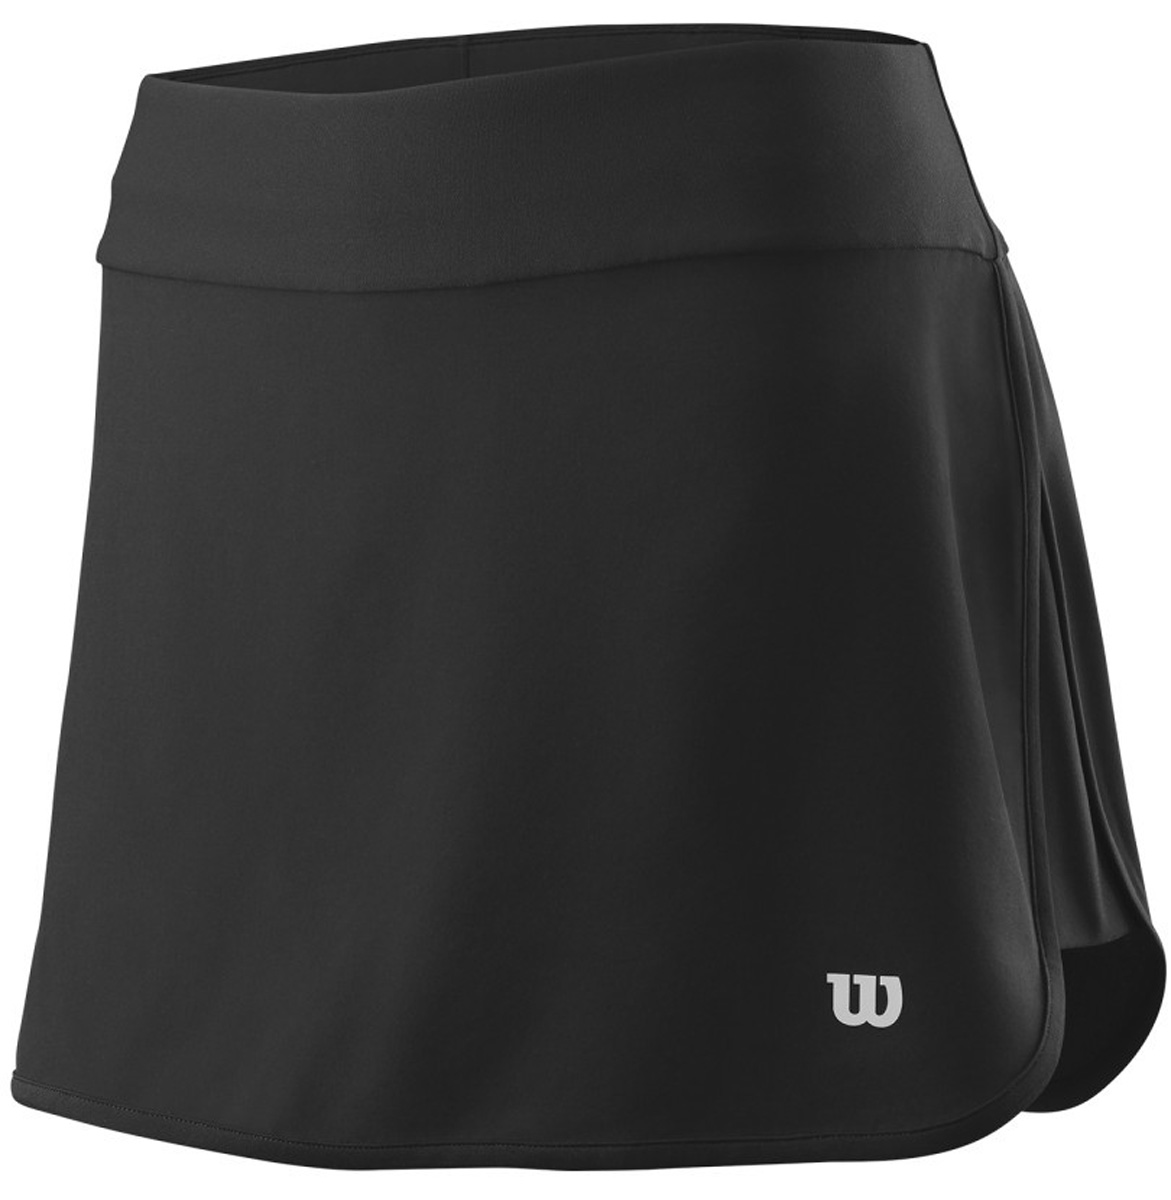 Юбка для тенниса Wilson Condition 13.5 Skirt, цвет: черный. WRA764401. Размер M (46/48)WRA764401Юбка для тенниса от Wilson выполнена из эластичного трикотажа. Модель с эластичной резинкой на талии.